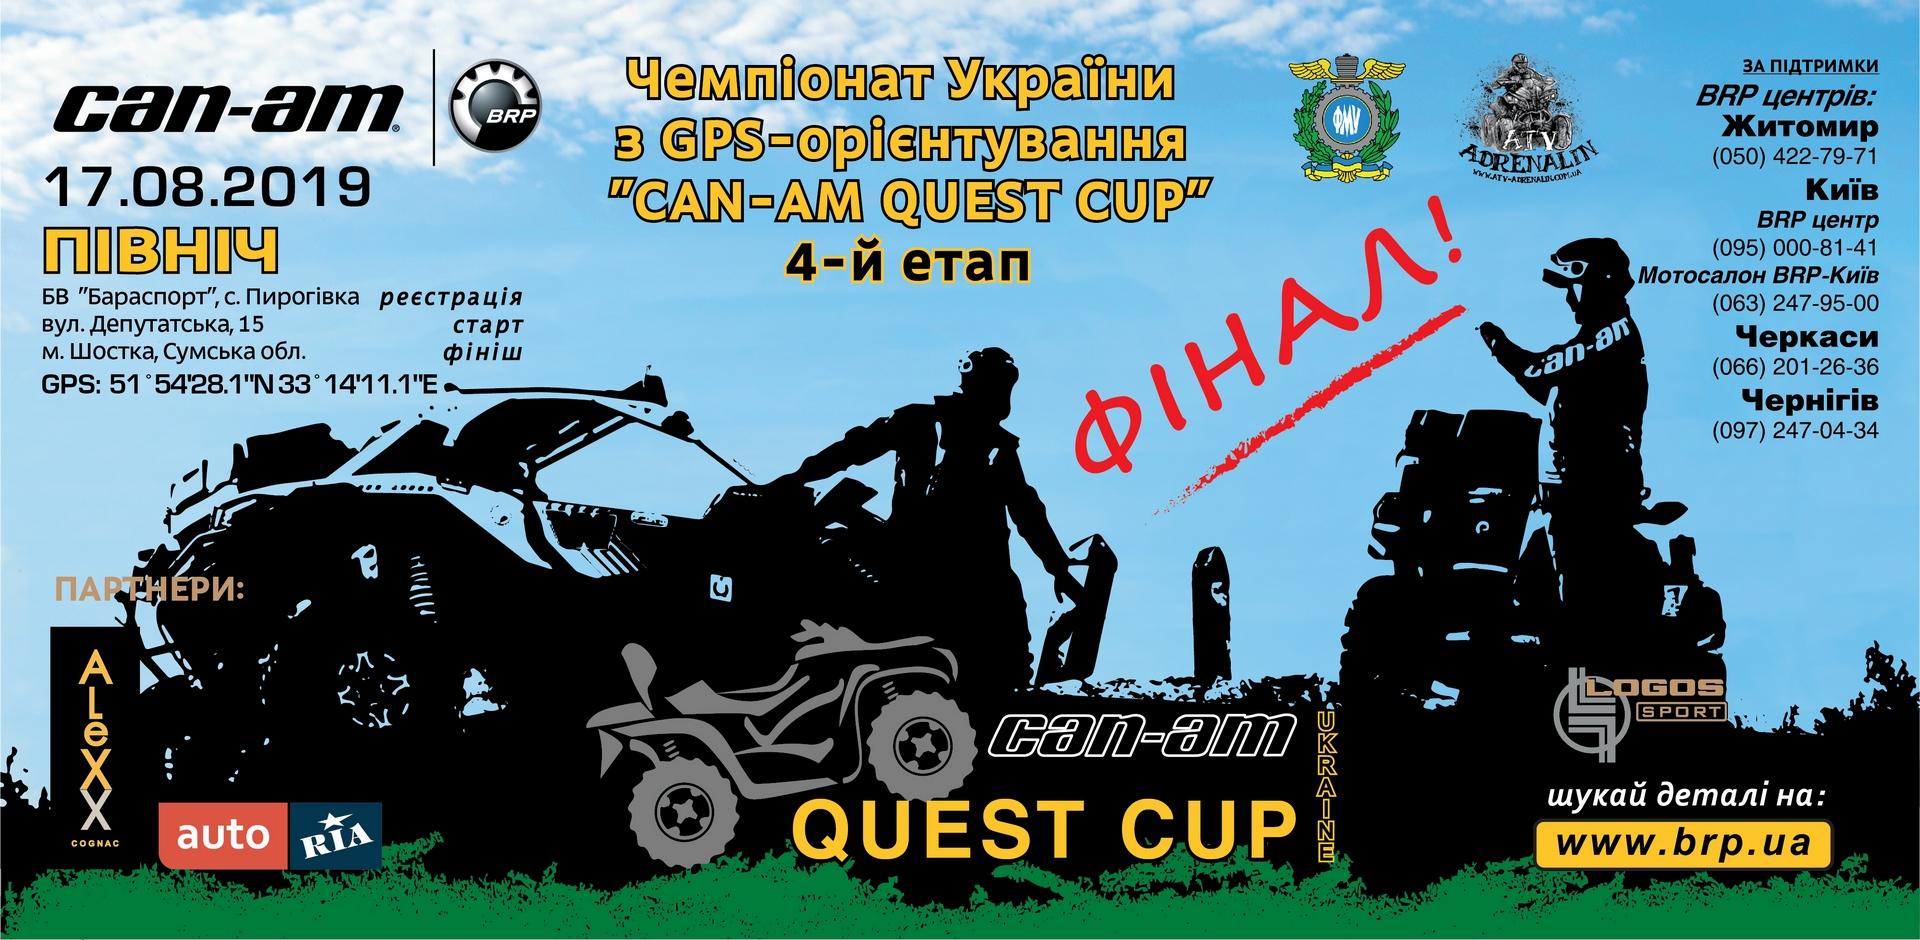 """4-й етап Чемпіонату України з GPS-орієнтування """"CAN-AM QUEST CUP 2019"""". Фінал!"""